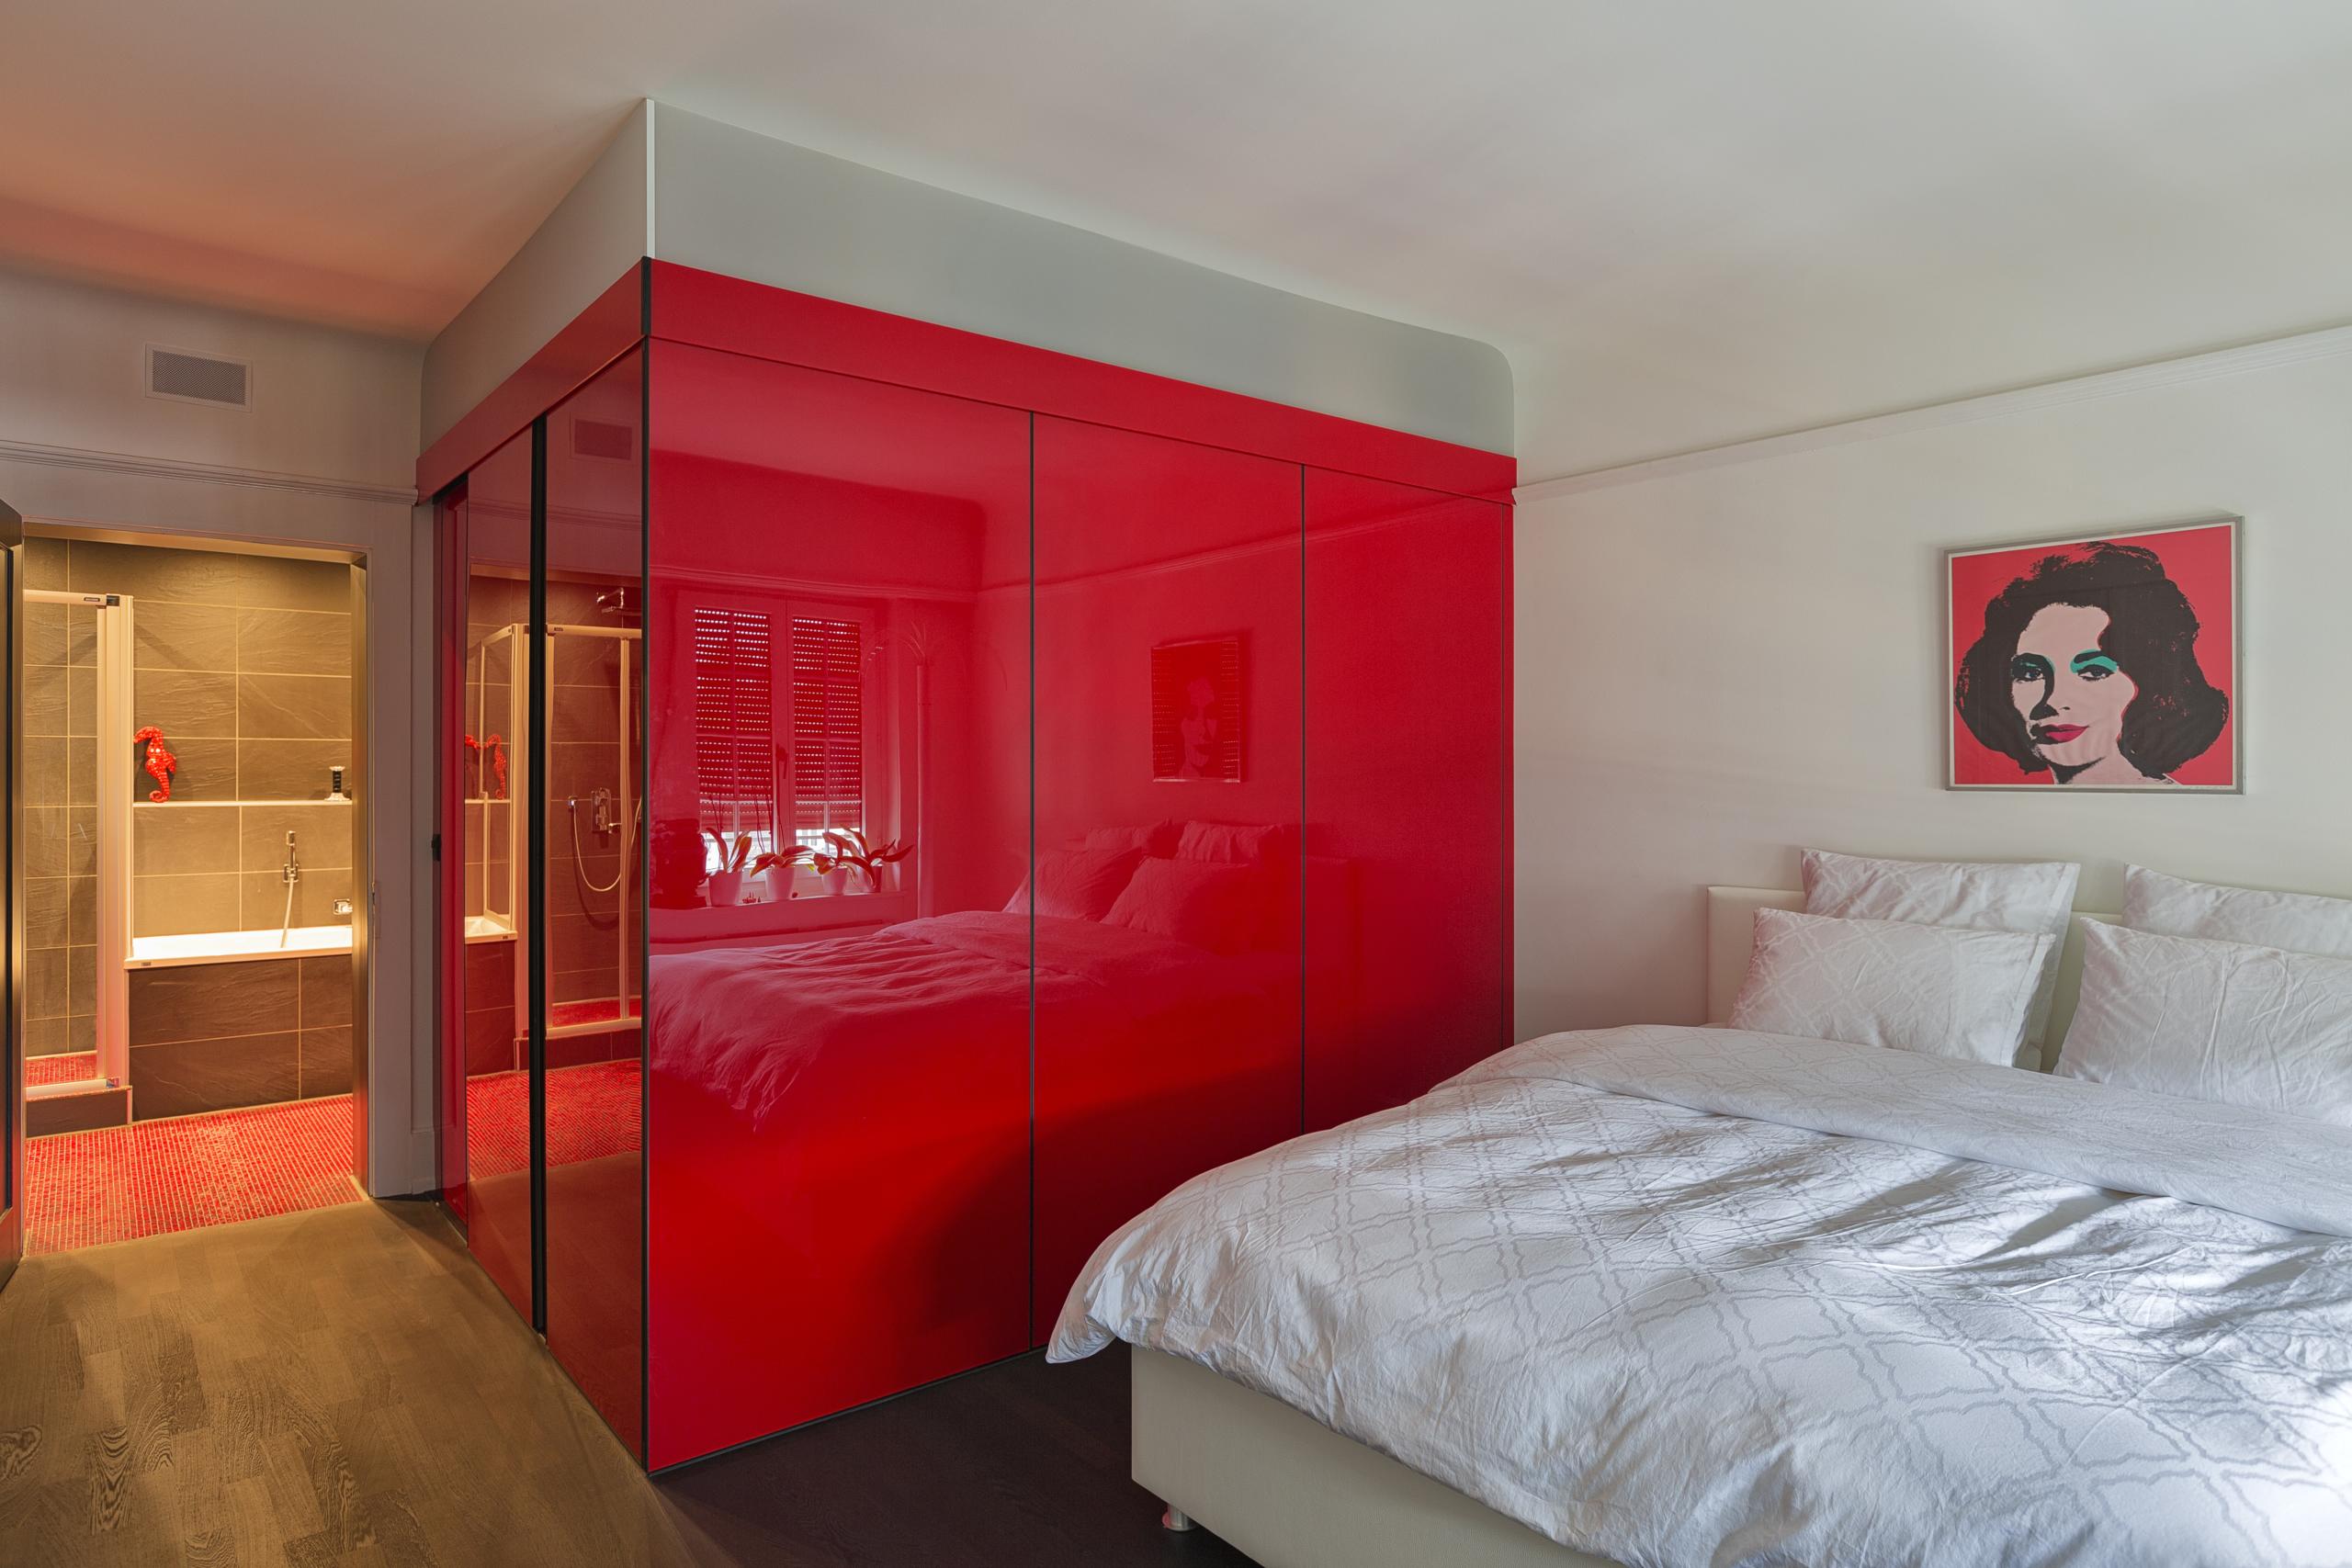 kubus als ankleide mit einer schiebet re als eingang in hochrotem acrylglas auf zu. Black Bedroom Furniture Sets. Home Design Ideas